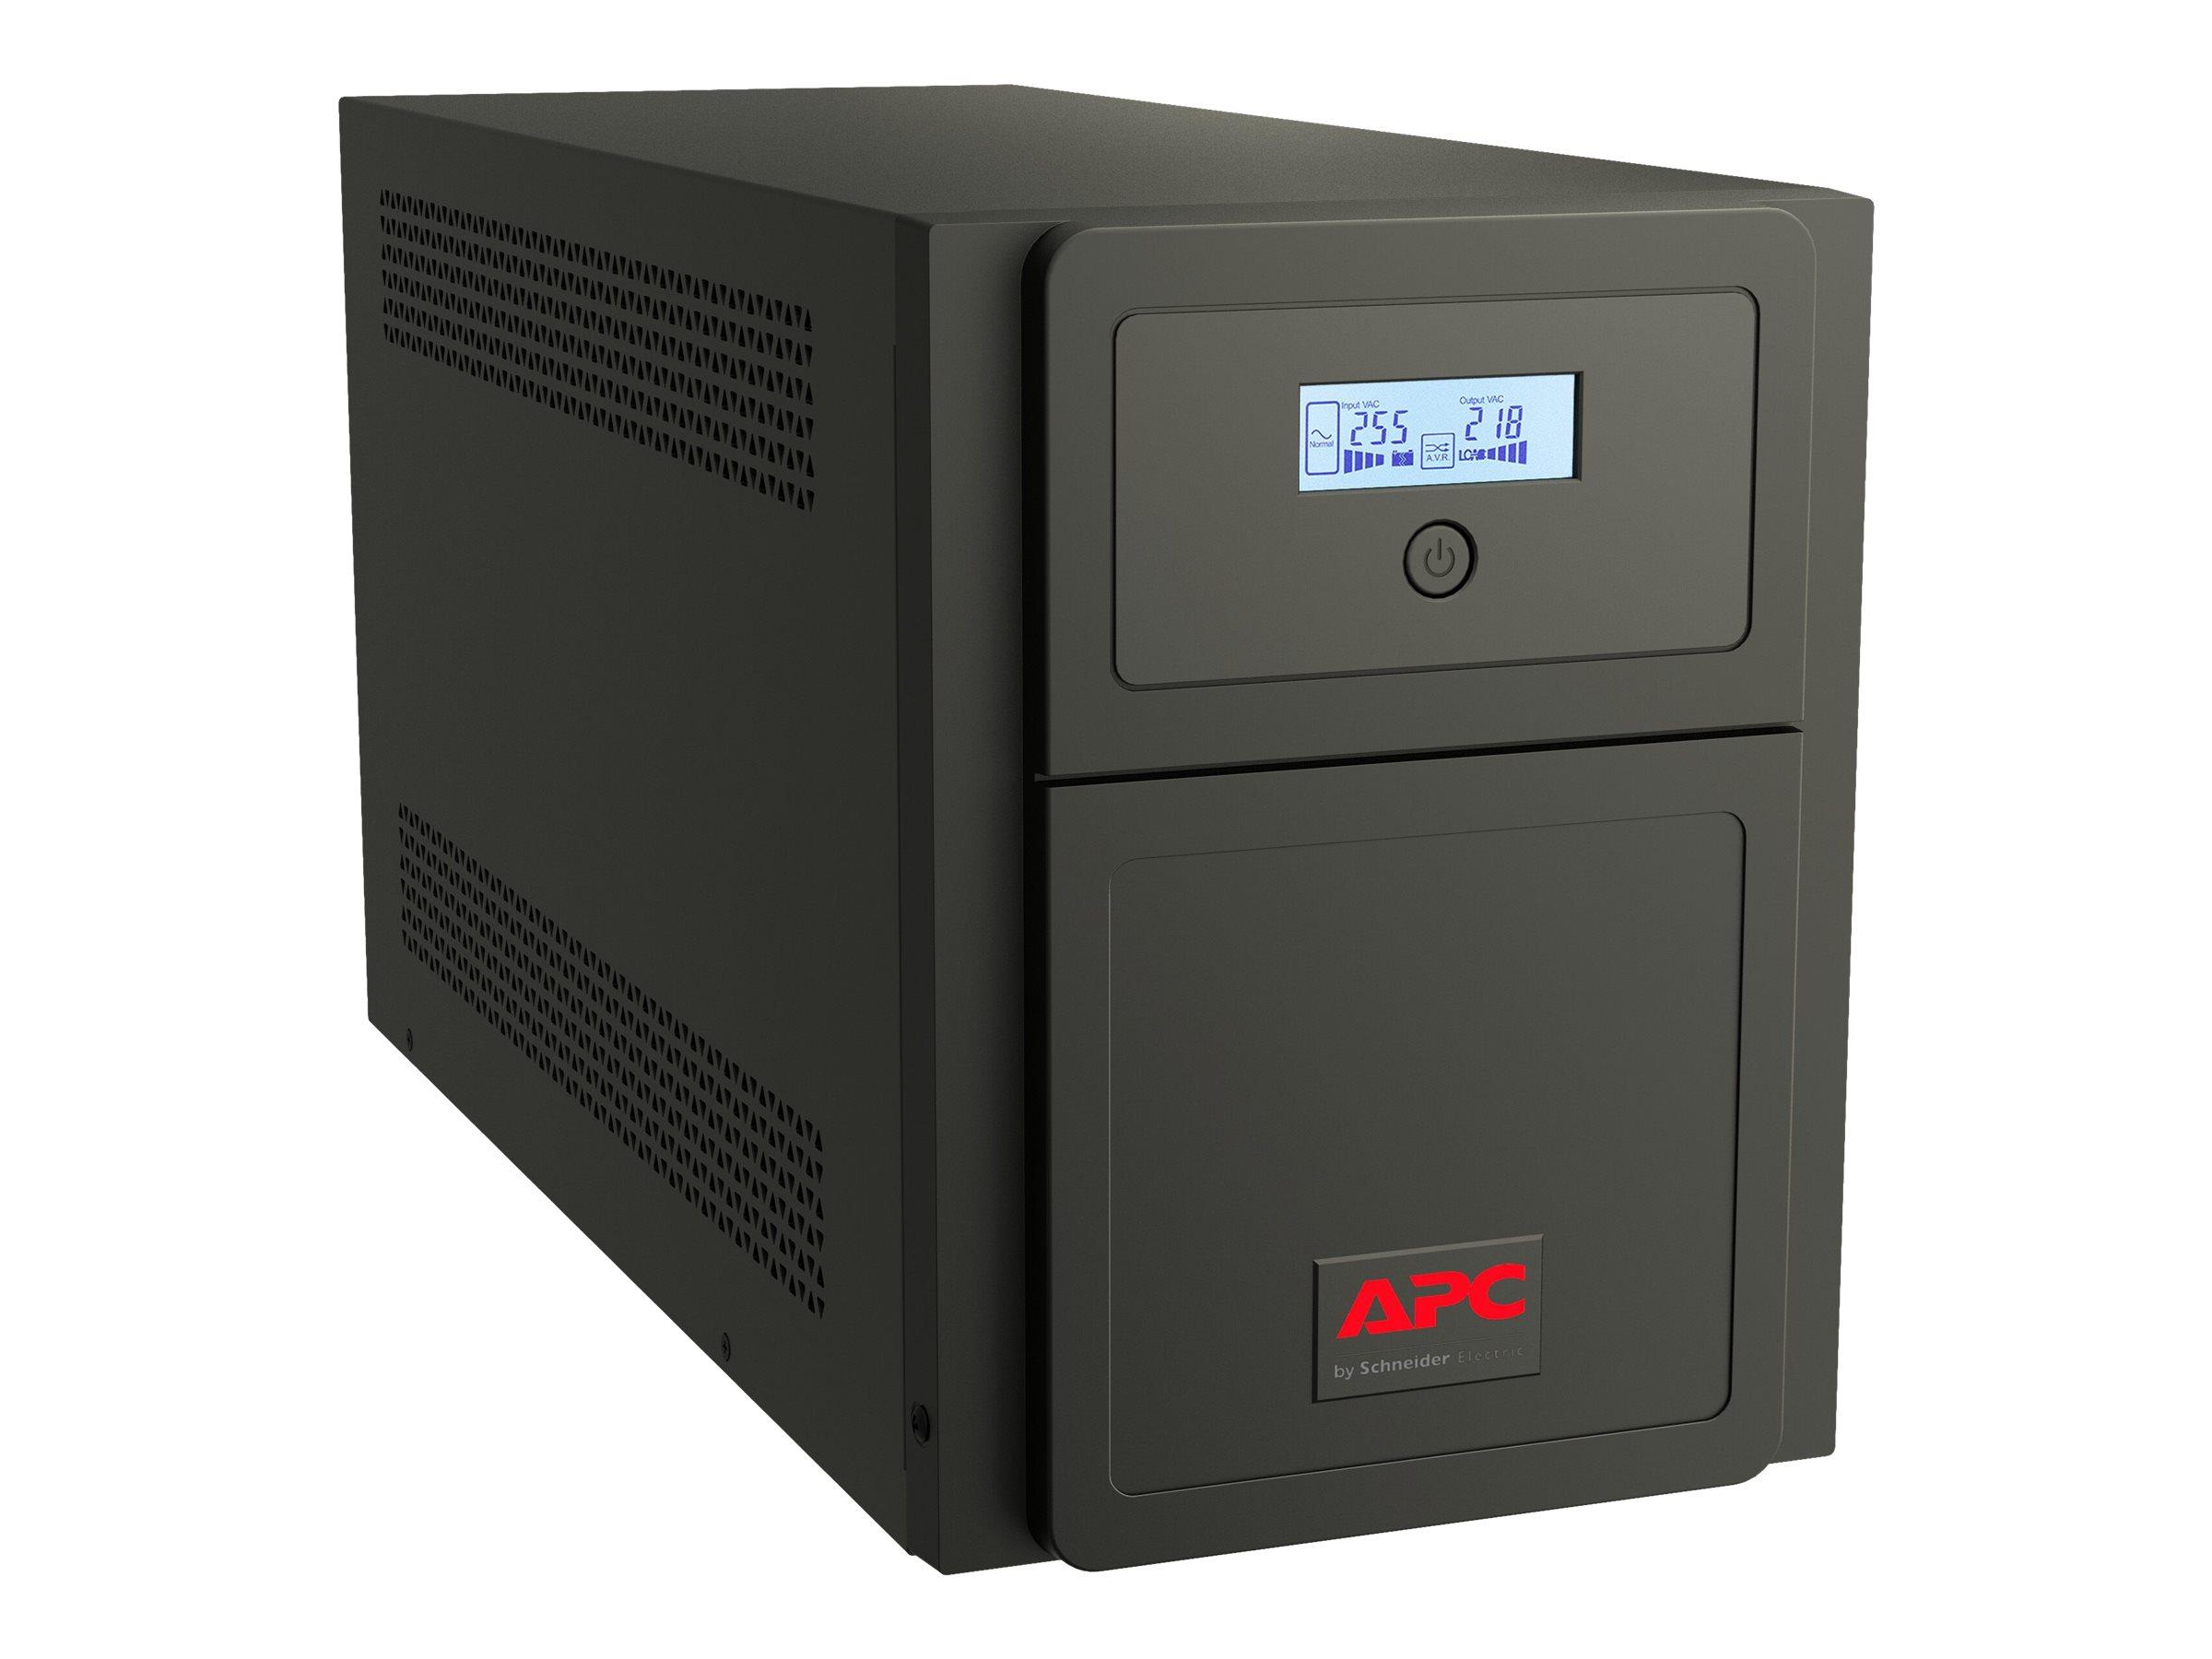 APC Easy UPS SMV SMV2000CAI - USV - Wechselstrom 220/230/240 V - 1400 Watt - 2000 VA 7 Ah - RS-232, USB